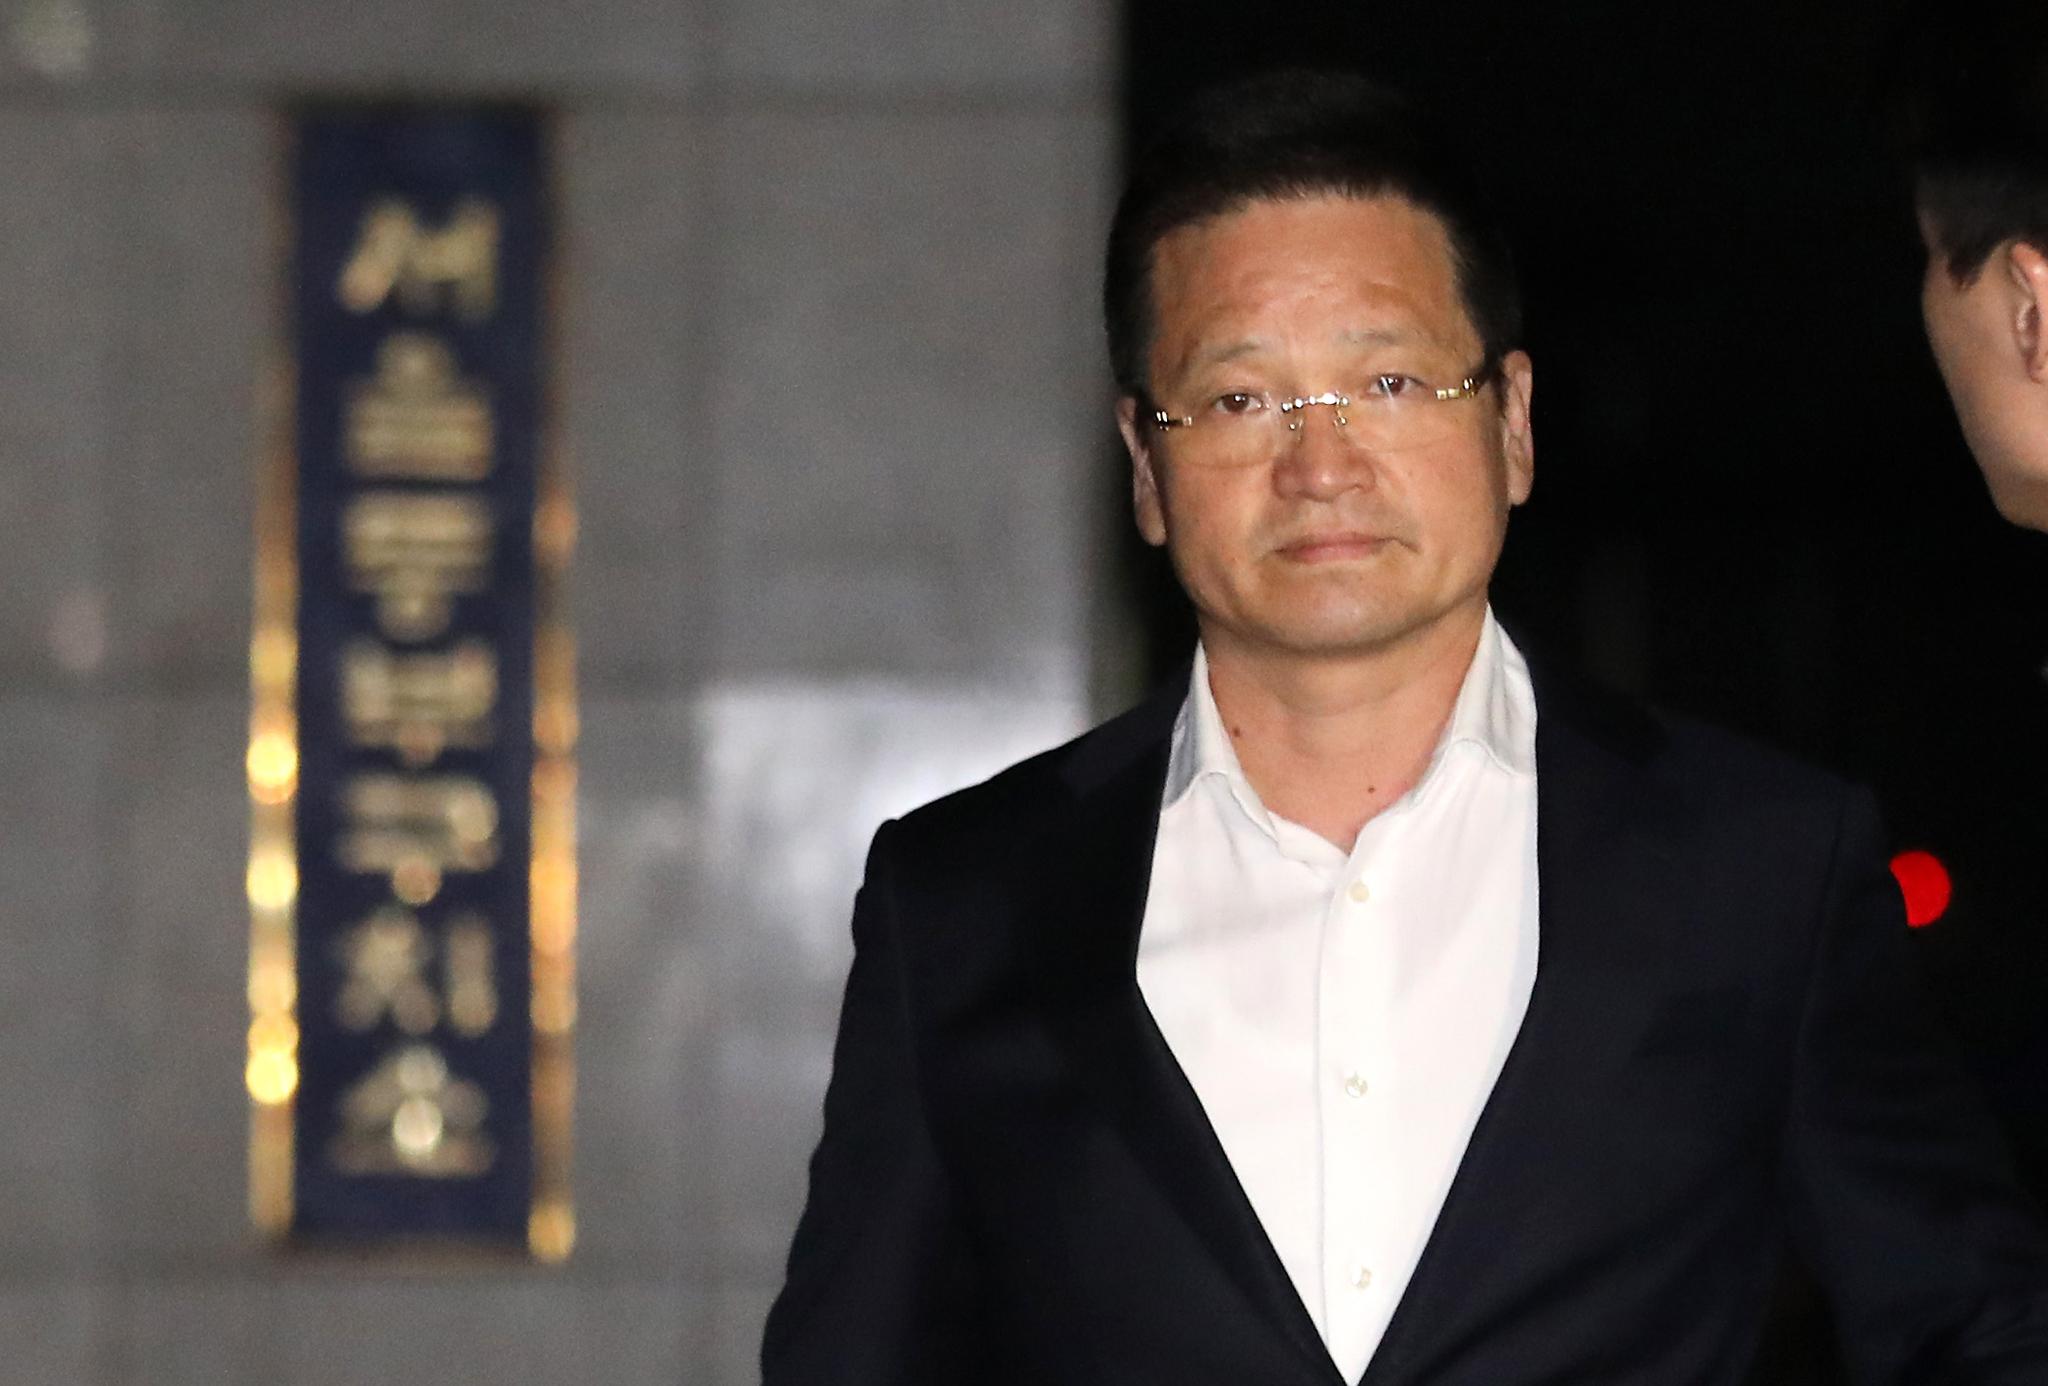 김학의 전 법무부 차관의 별장 접대 의혹 사건 핵심 인물인 건설업자 윤중천씨. [뉴스1]